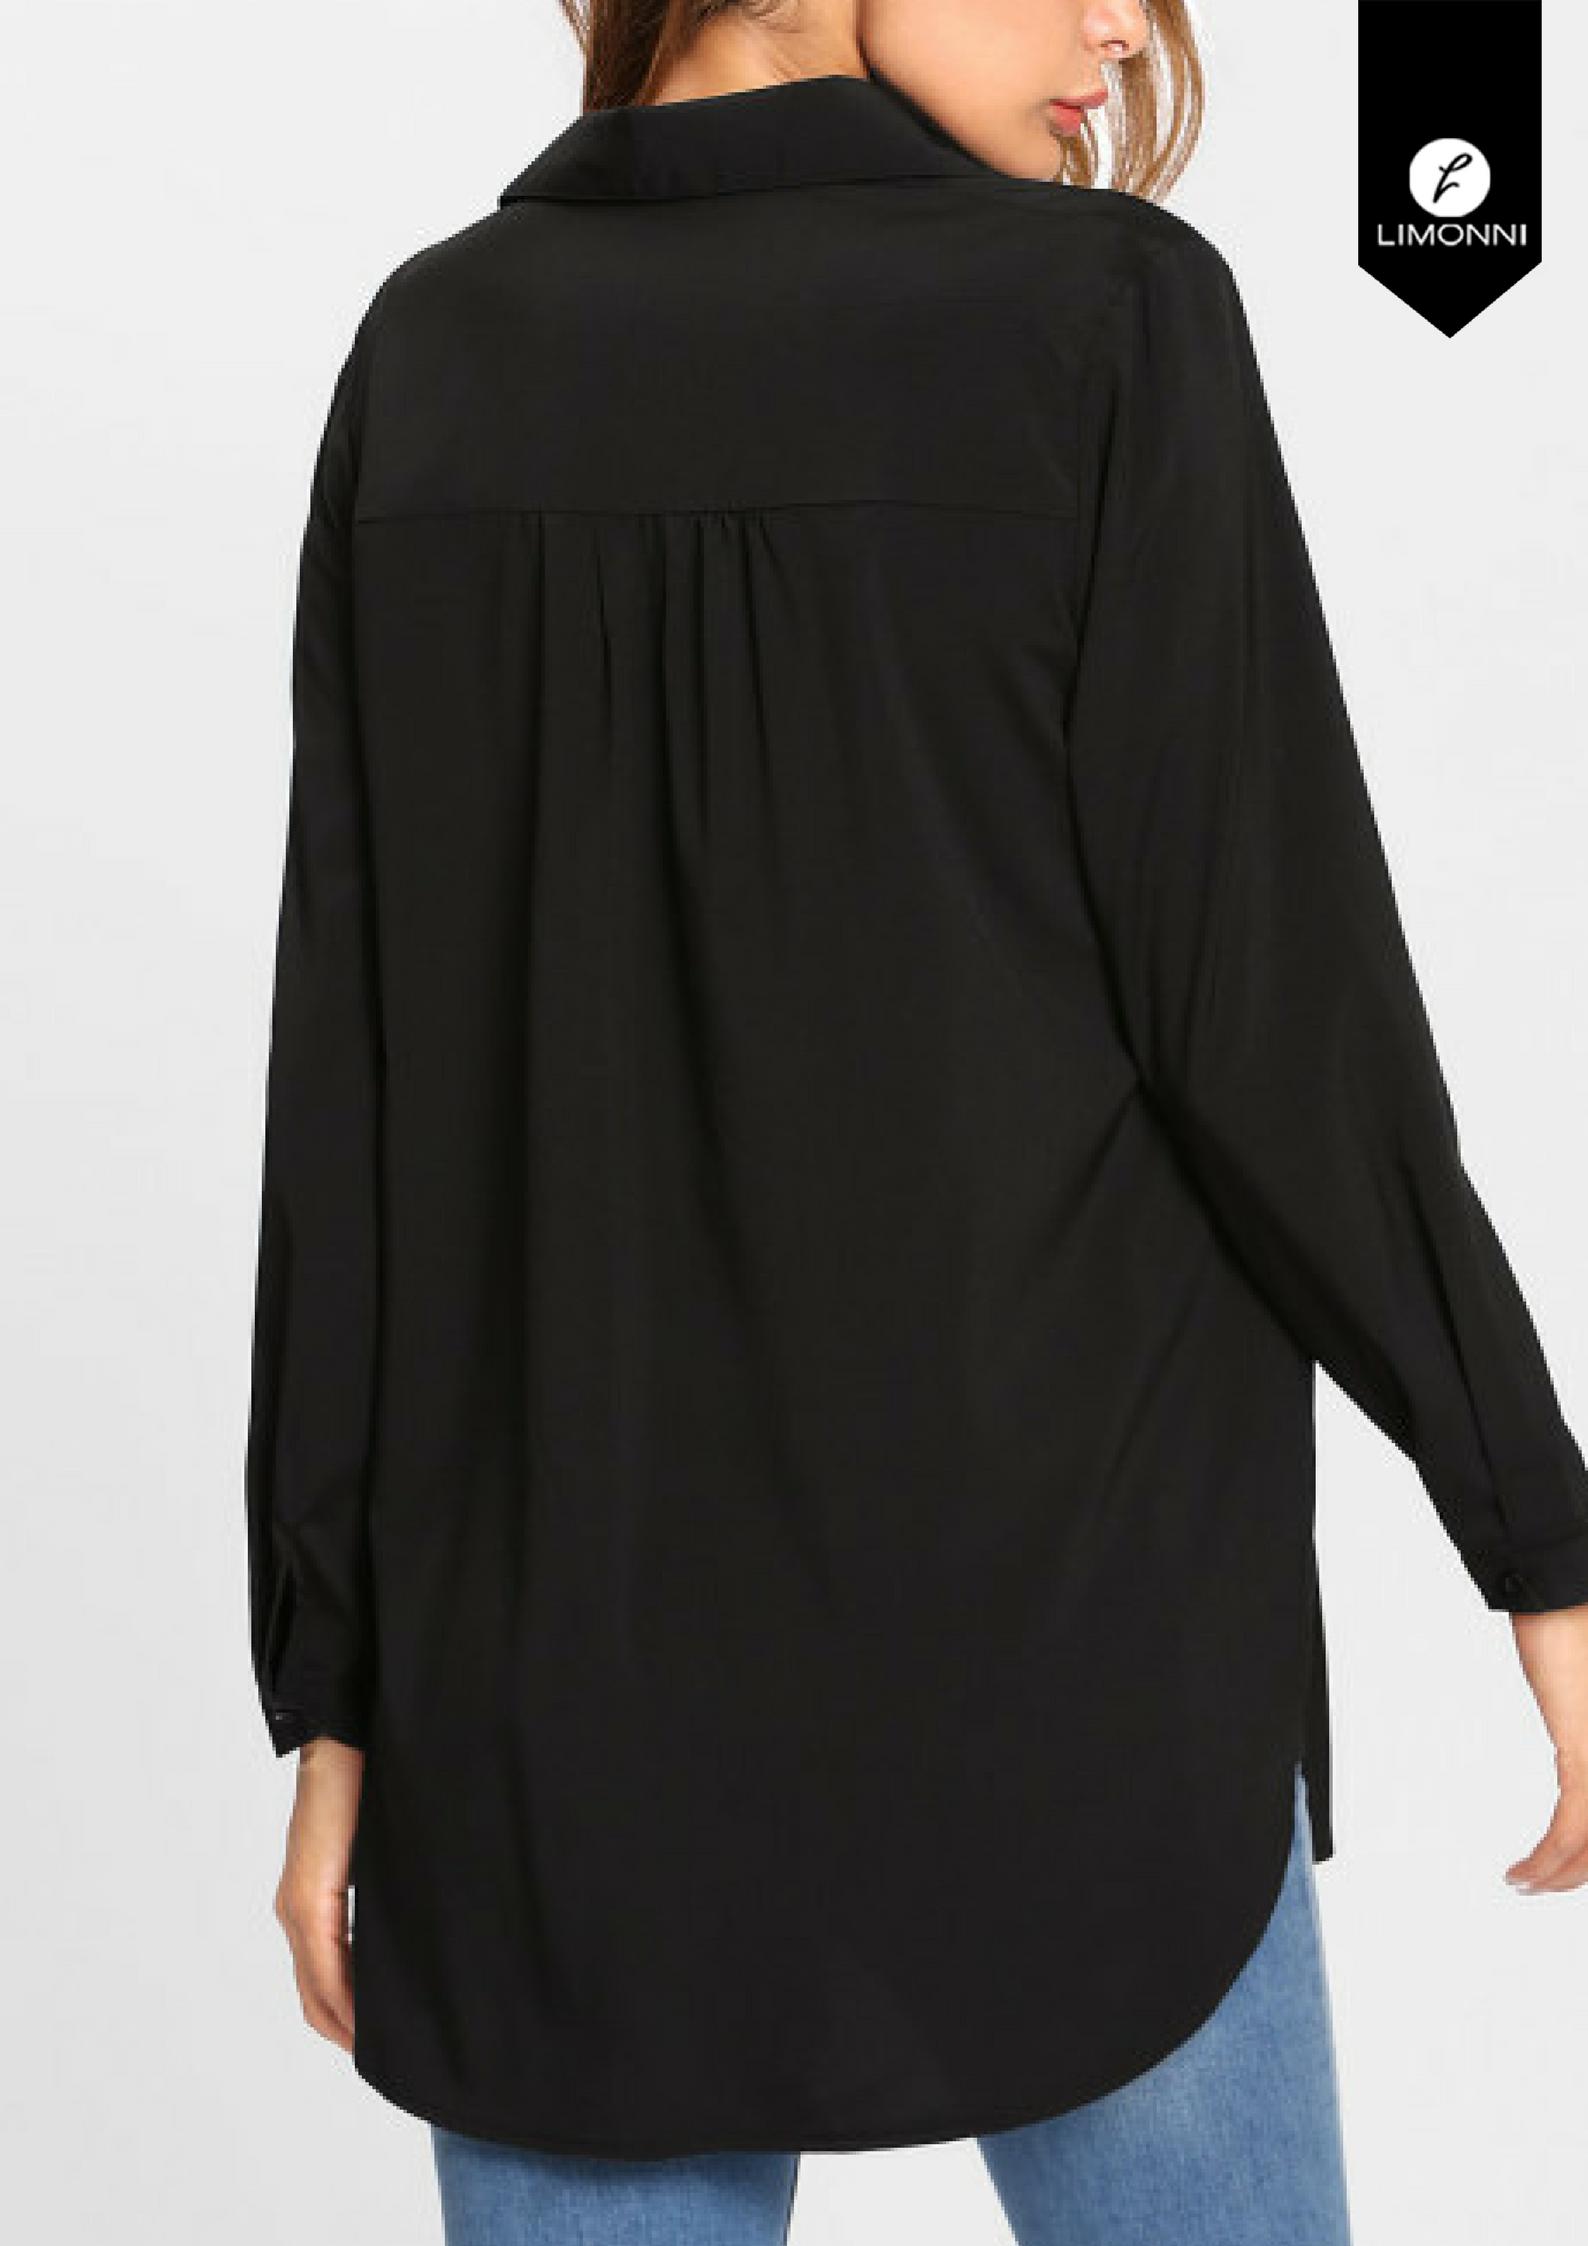 Blusas para mujer Limonni Novalee LI1469 Casuales